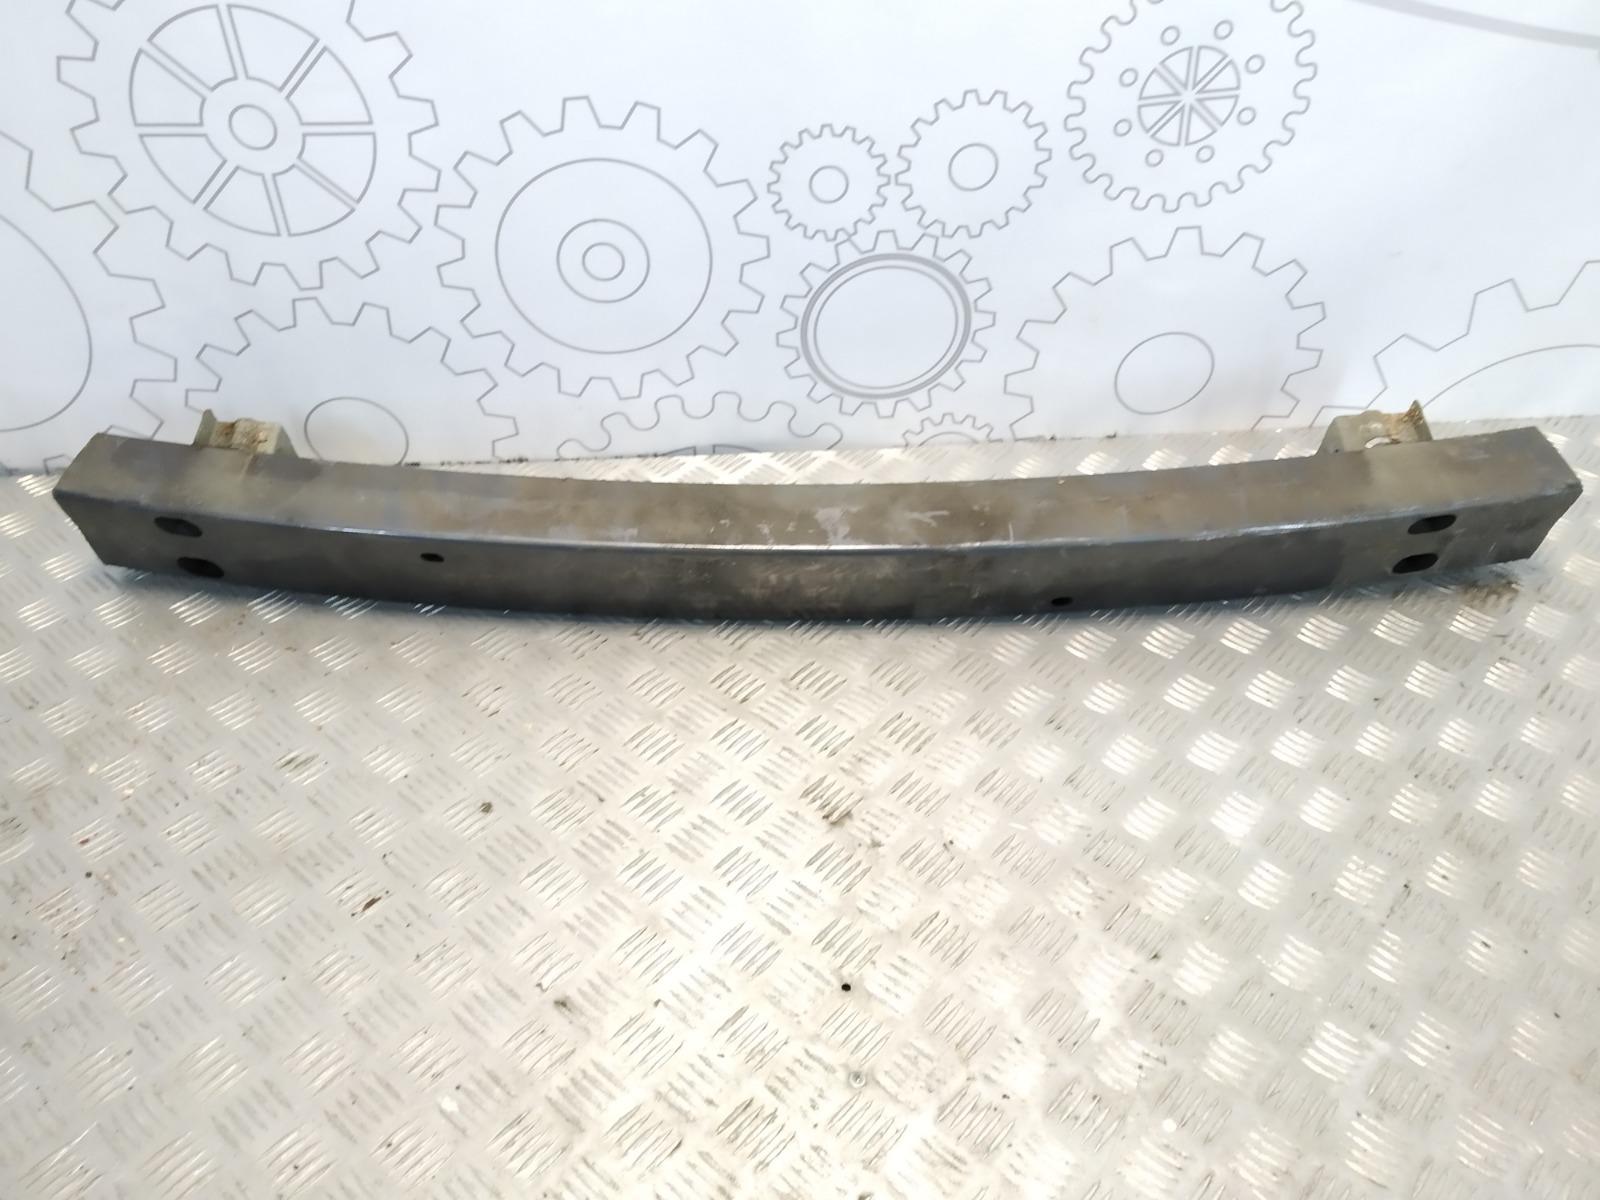 Усилитель бампера заднего Nissan Almera Tino 1.8 I 2005 (б/у)